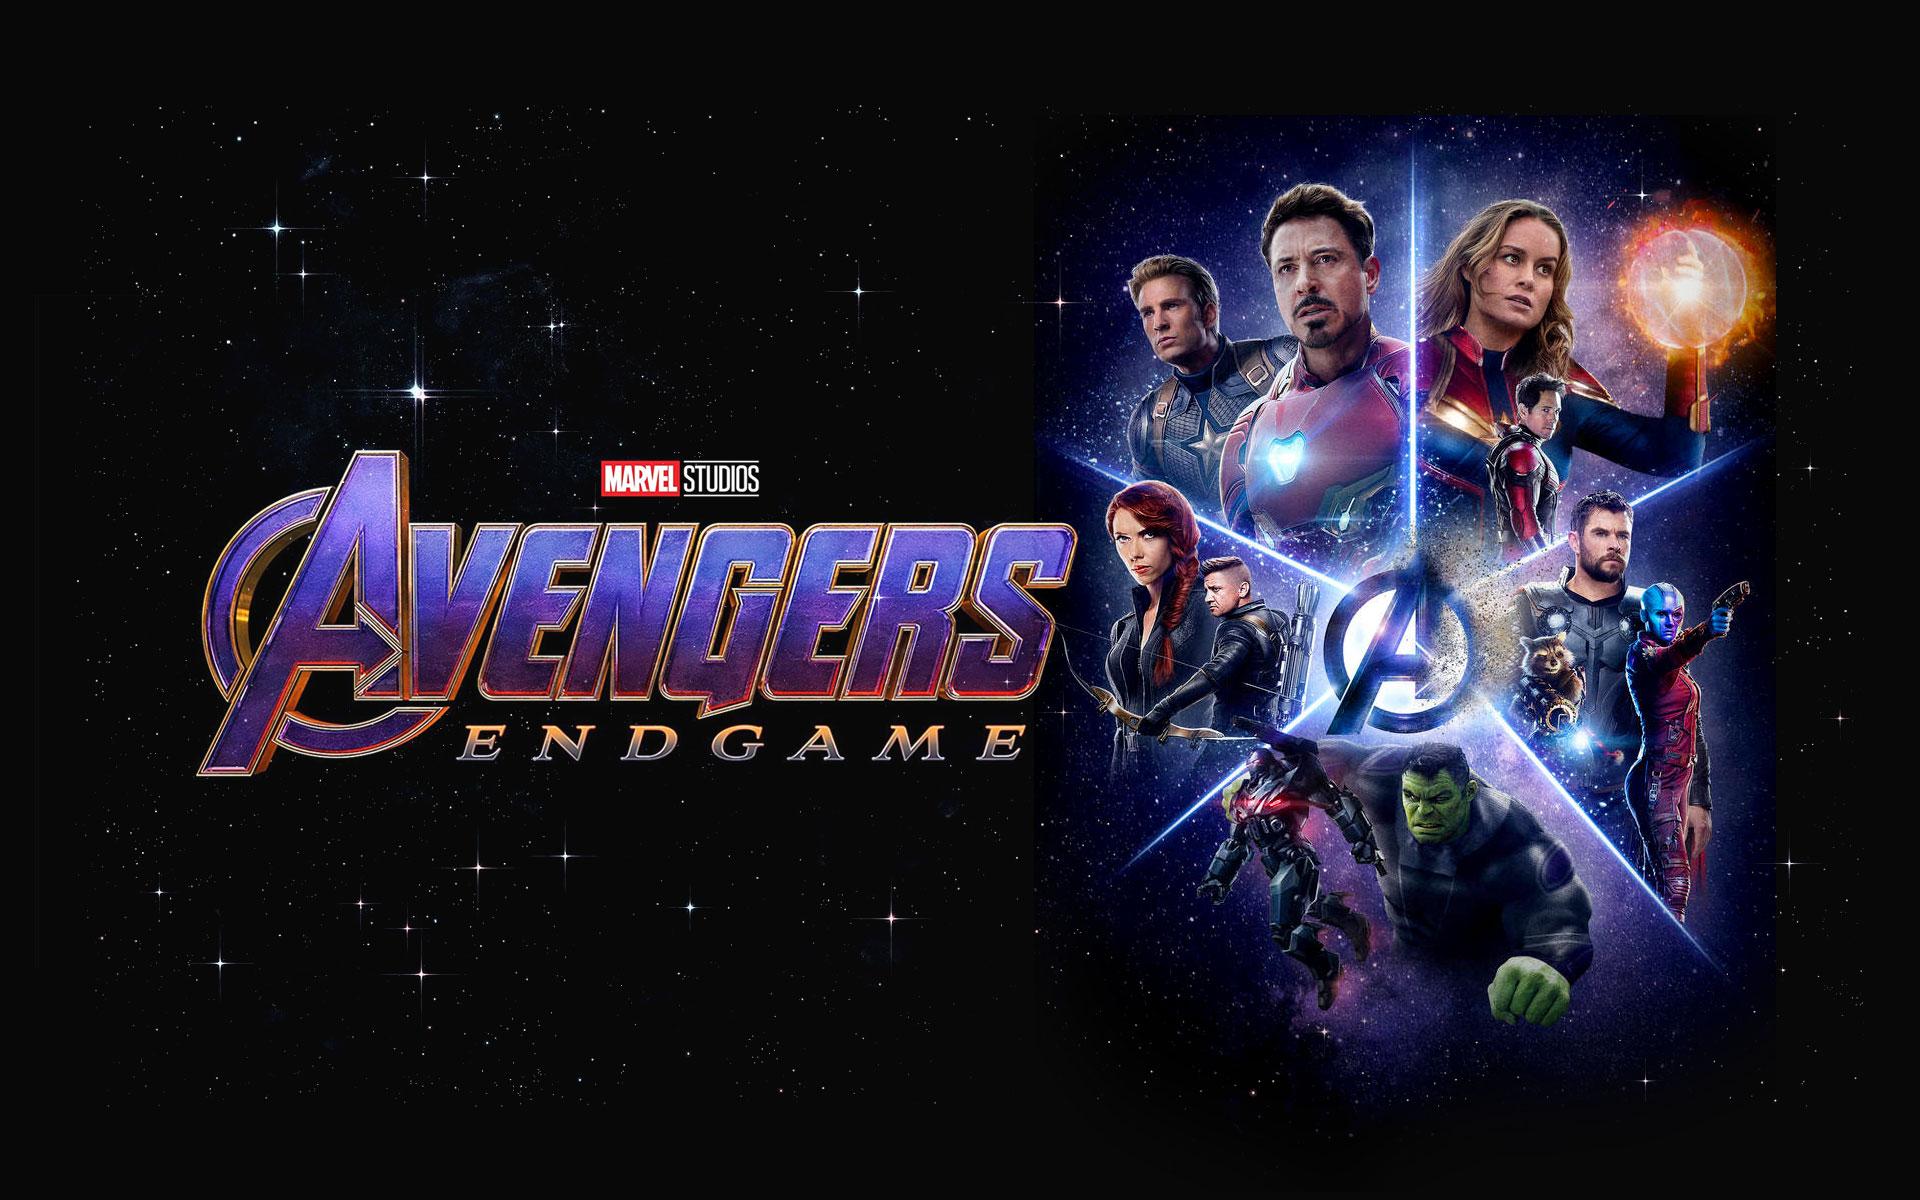 Avengers-Endgame-2019-Desktop-Wallpapers-HD-1.jpg